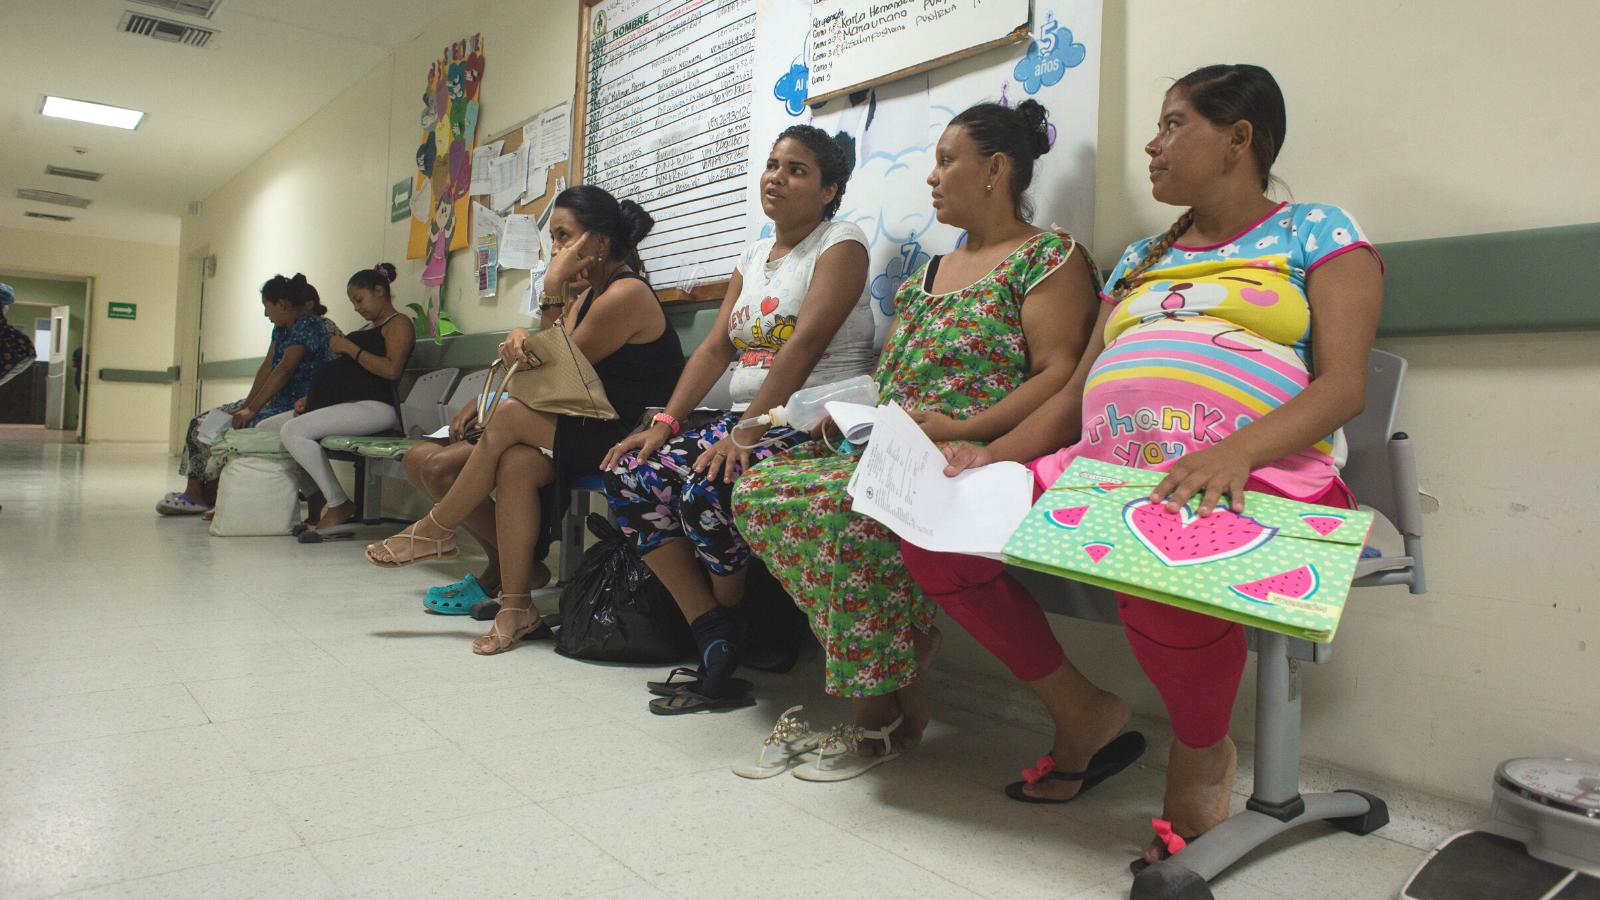 Partos de mujeres migrantes en zonas fronterizas: así son las cuentas